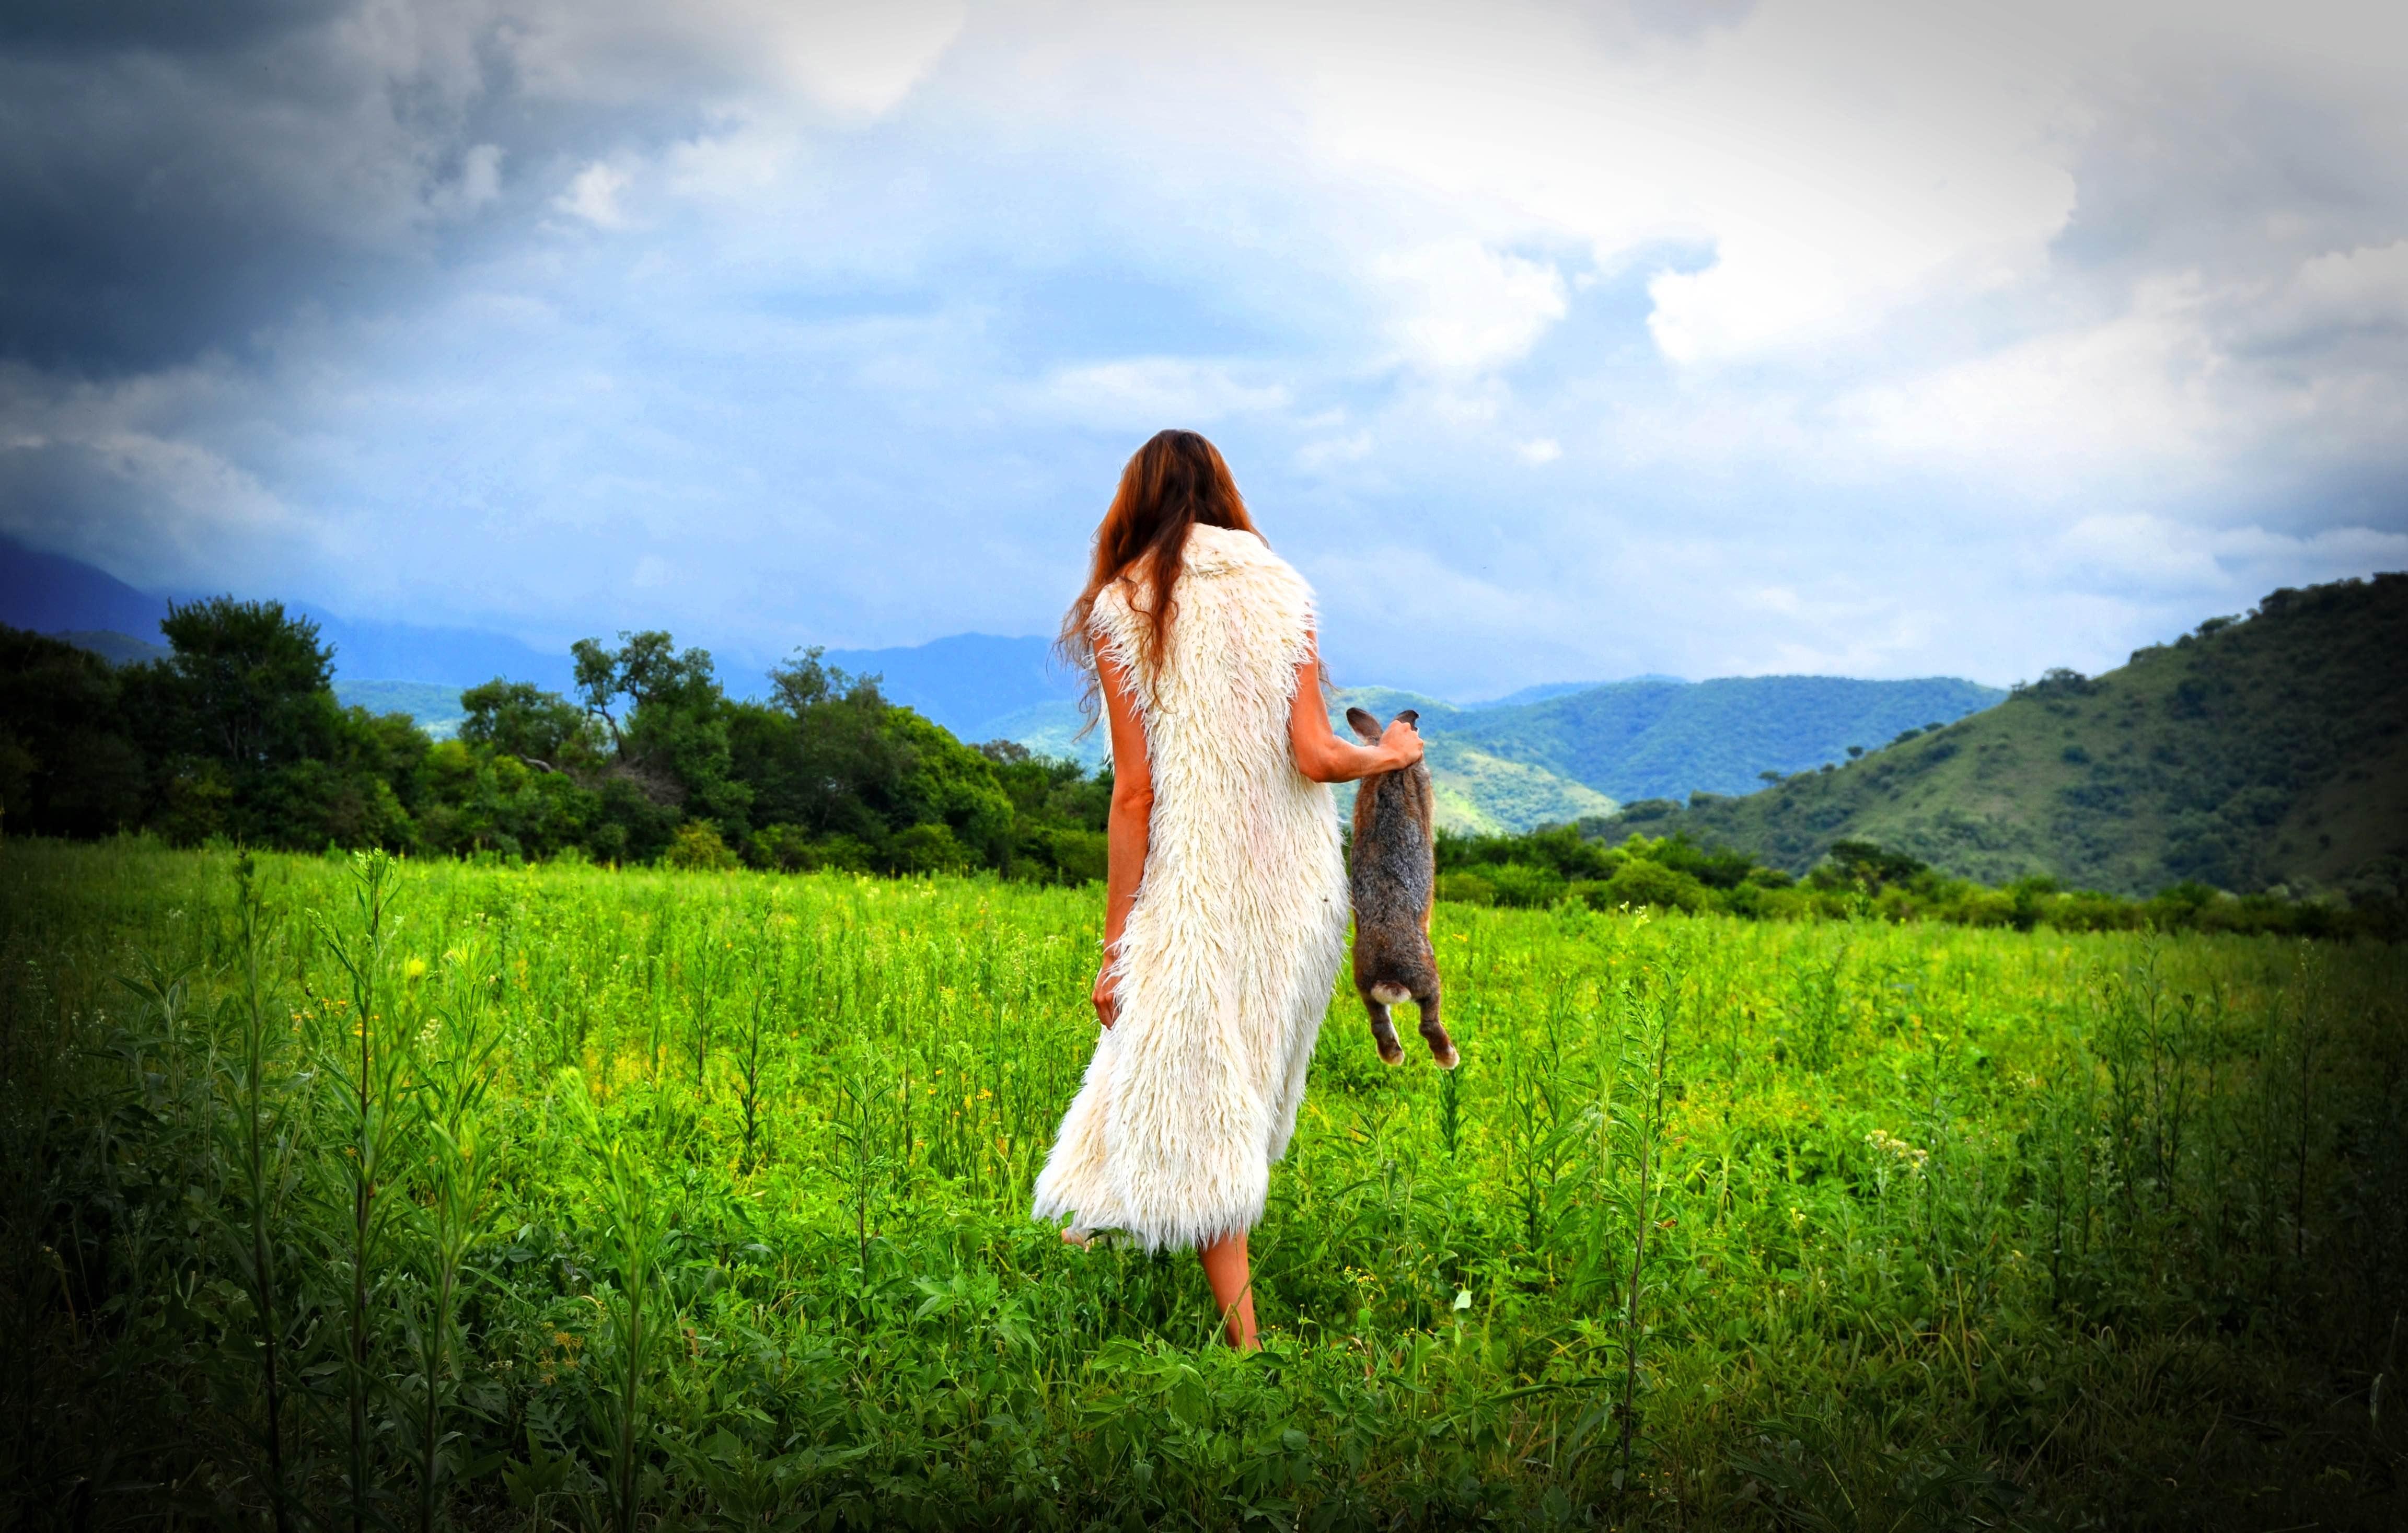 de(s)amor (2012) - Guadalupe Plaza Petersen